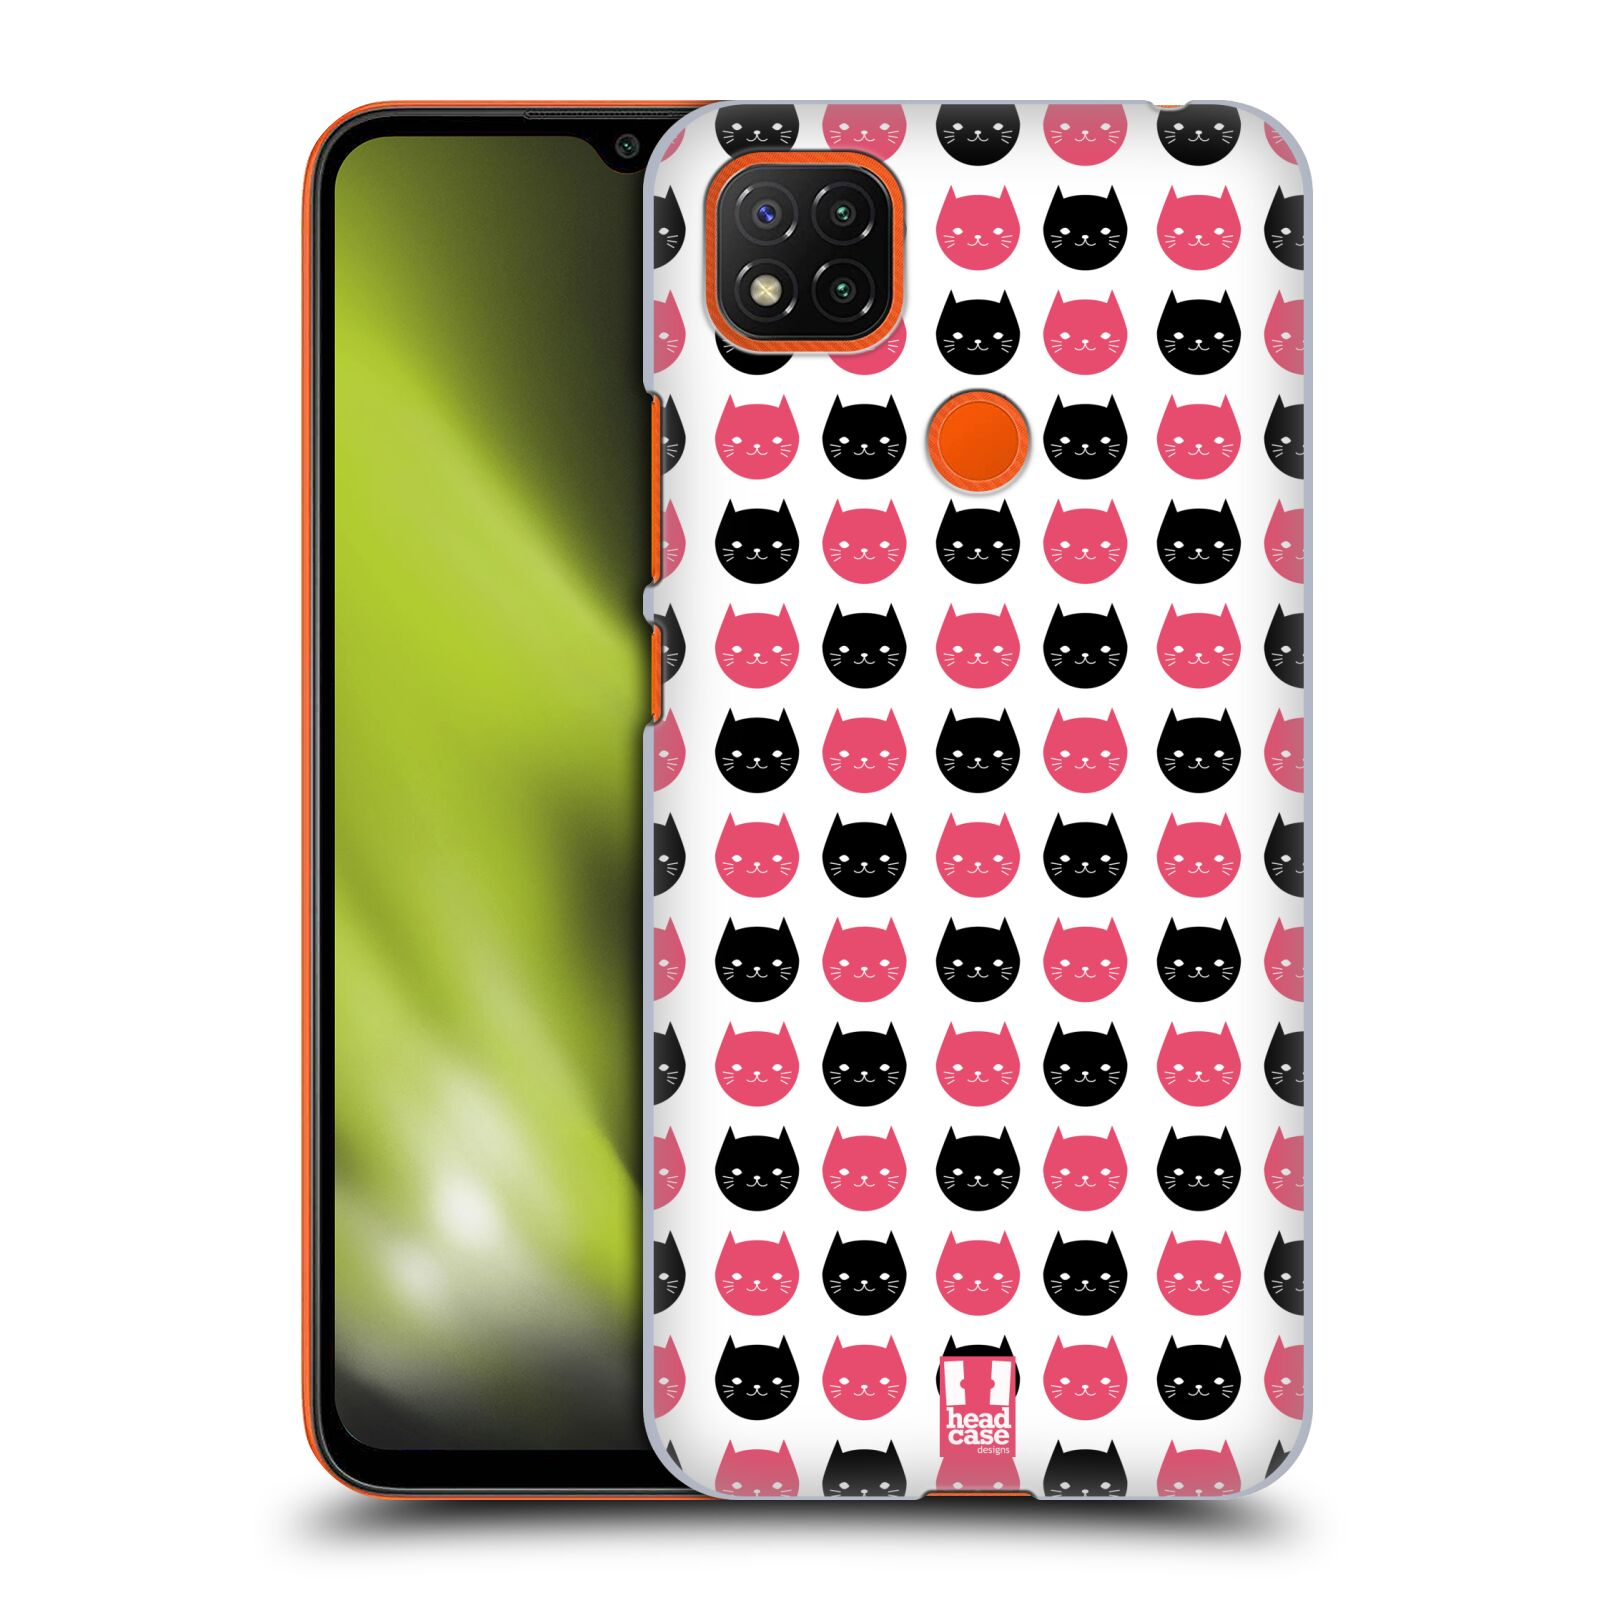 Plastové pouzdro na mobil Xiaomi Redmi 9C - Head Case - KOČKY Black and Pink